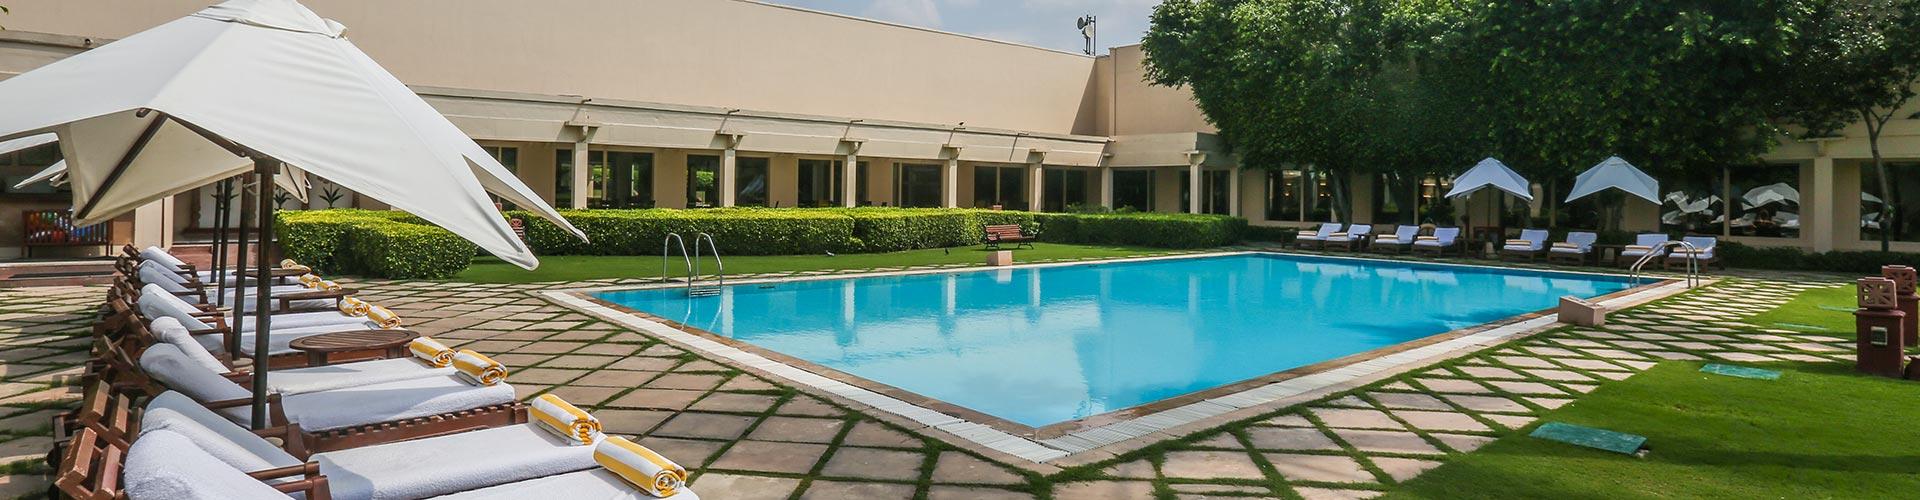 Trident Hotels COVID 19 Update